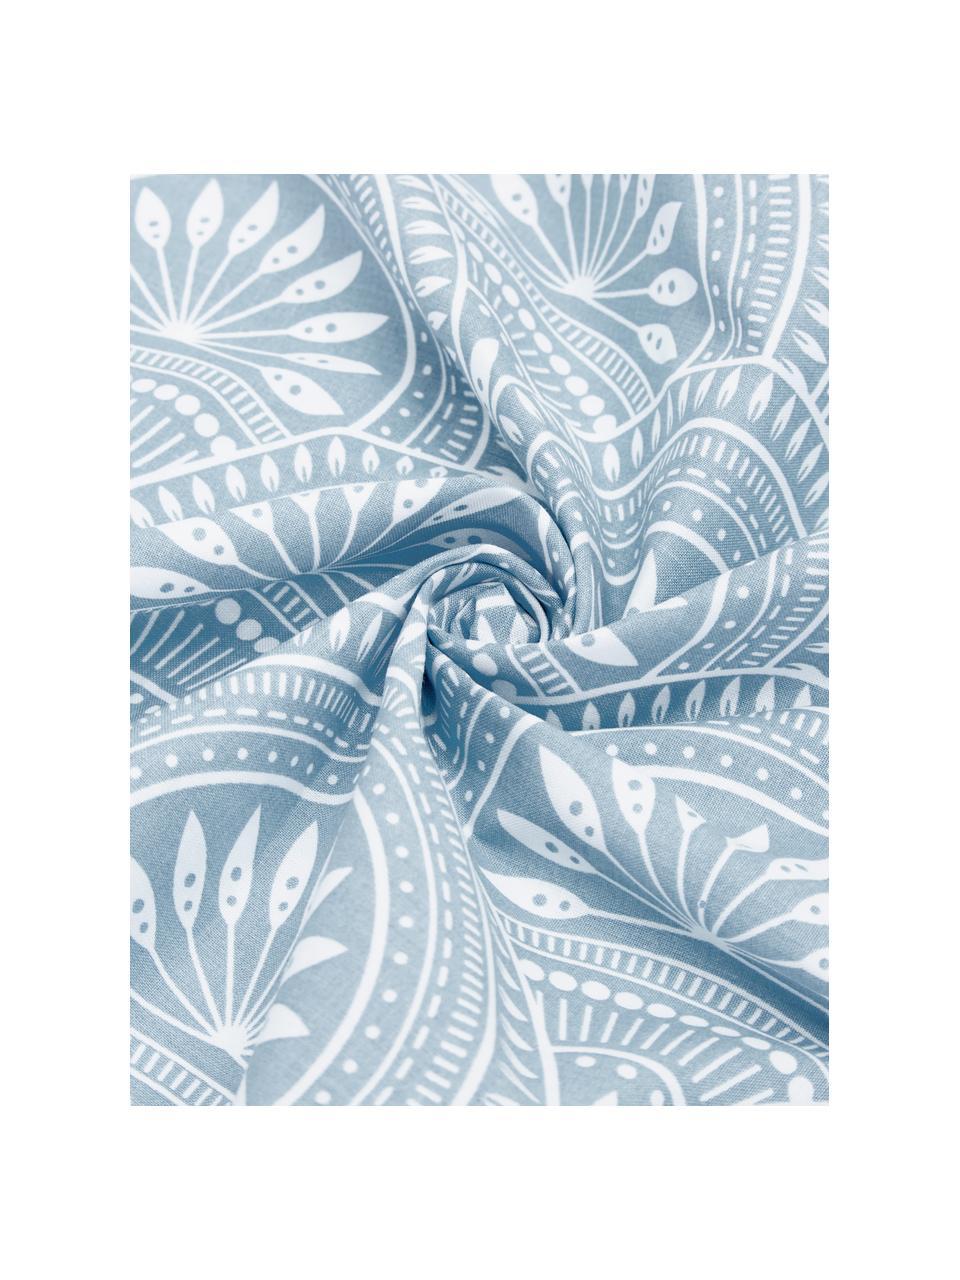 Dwustronna pościel z bawełny organicznej Poliana, Niebieski, biały, 200 x 200 cm + 2 poduszki 80 x 80 cm